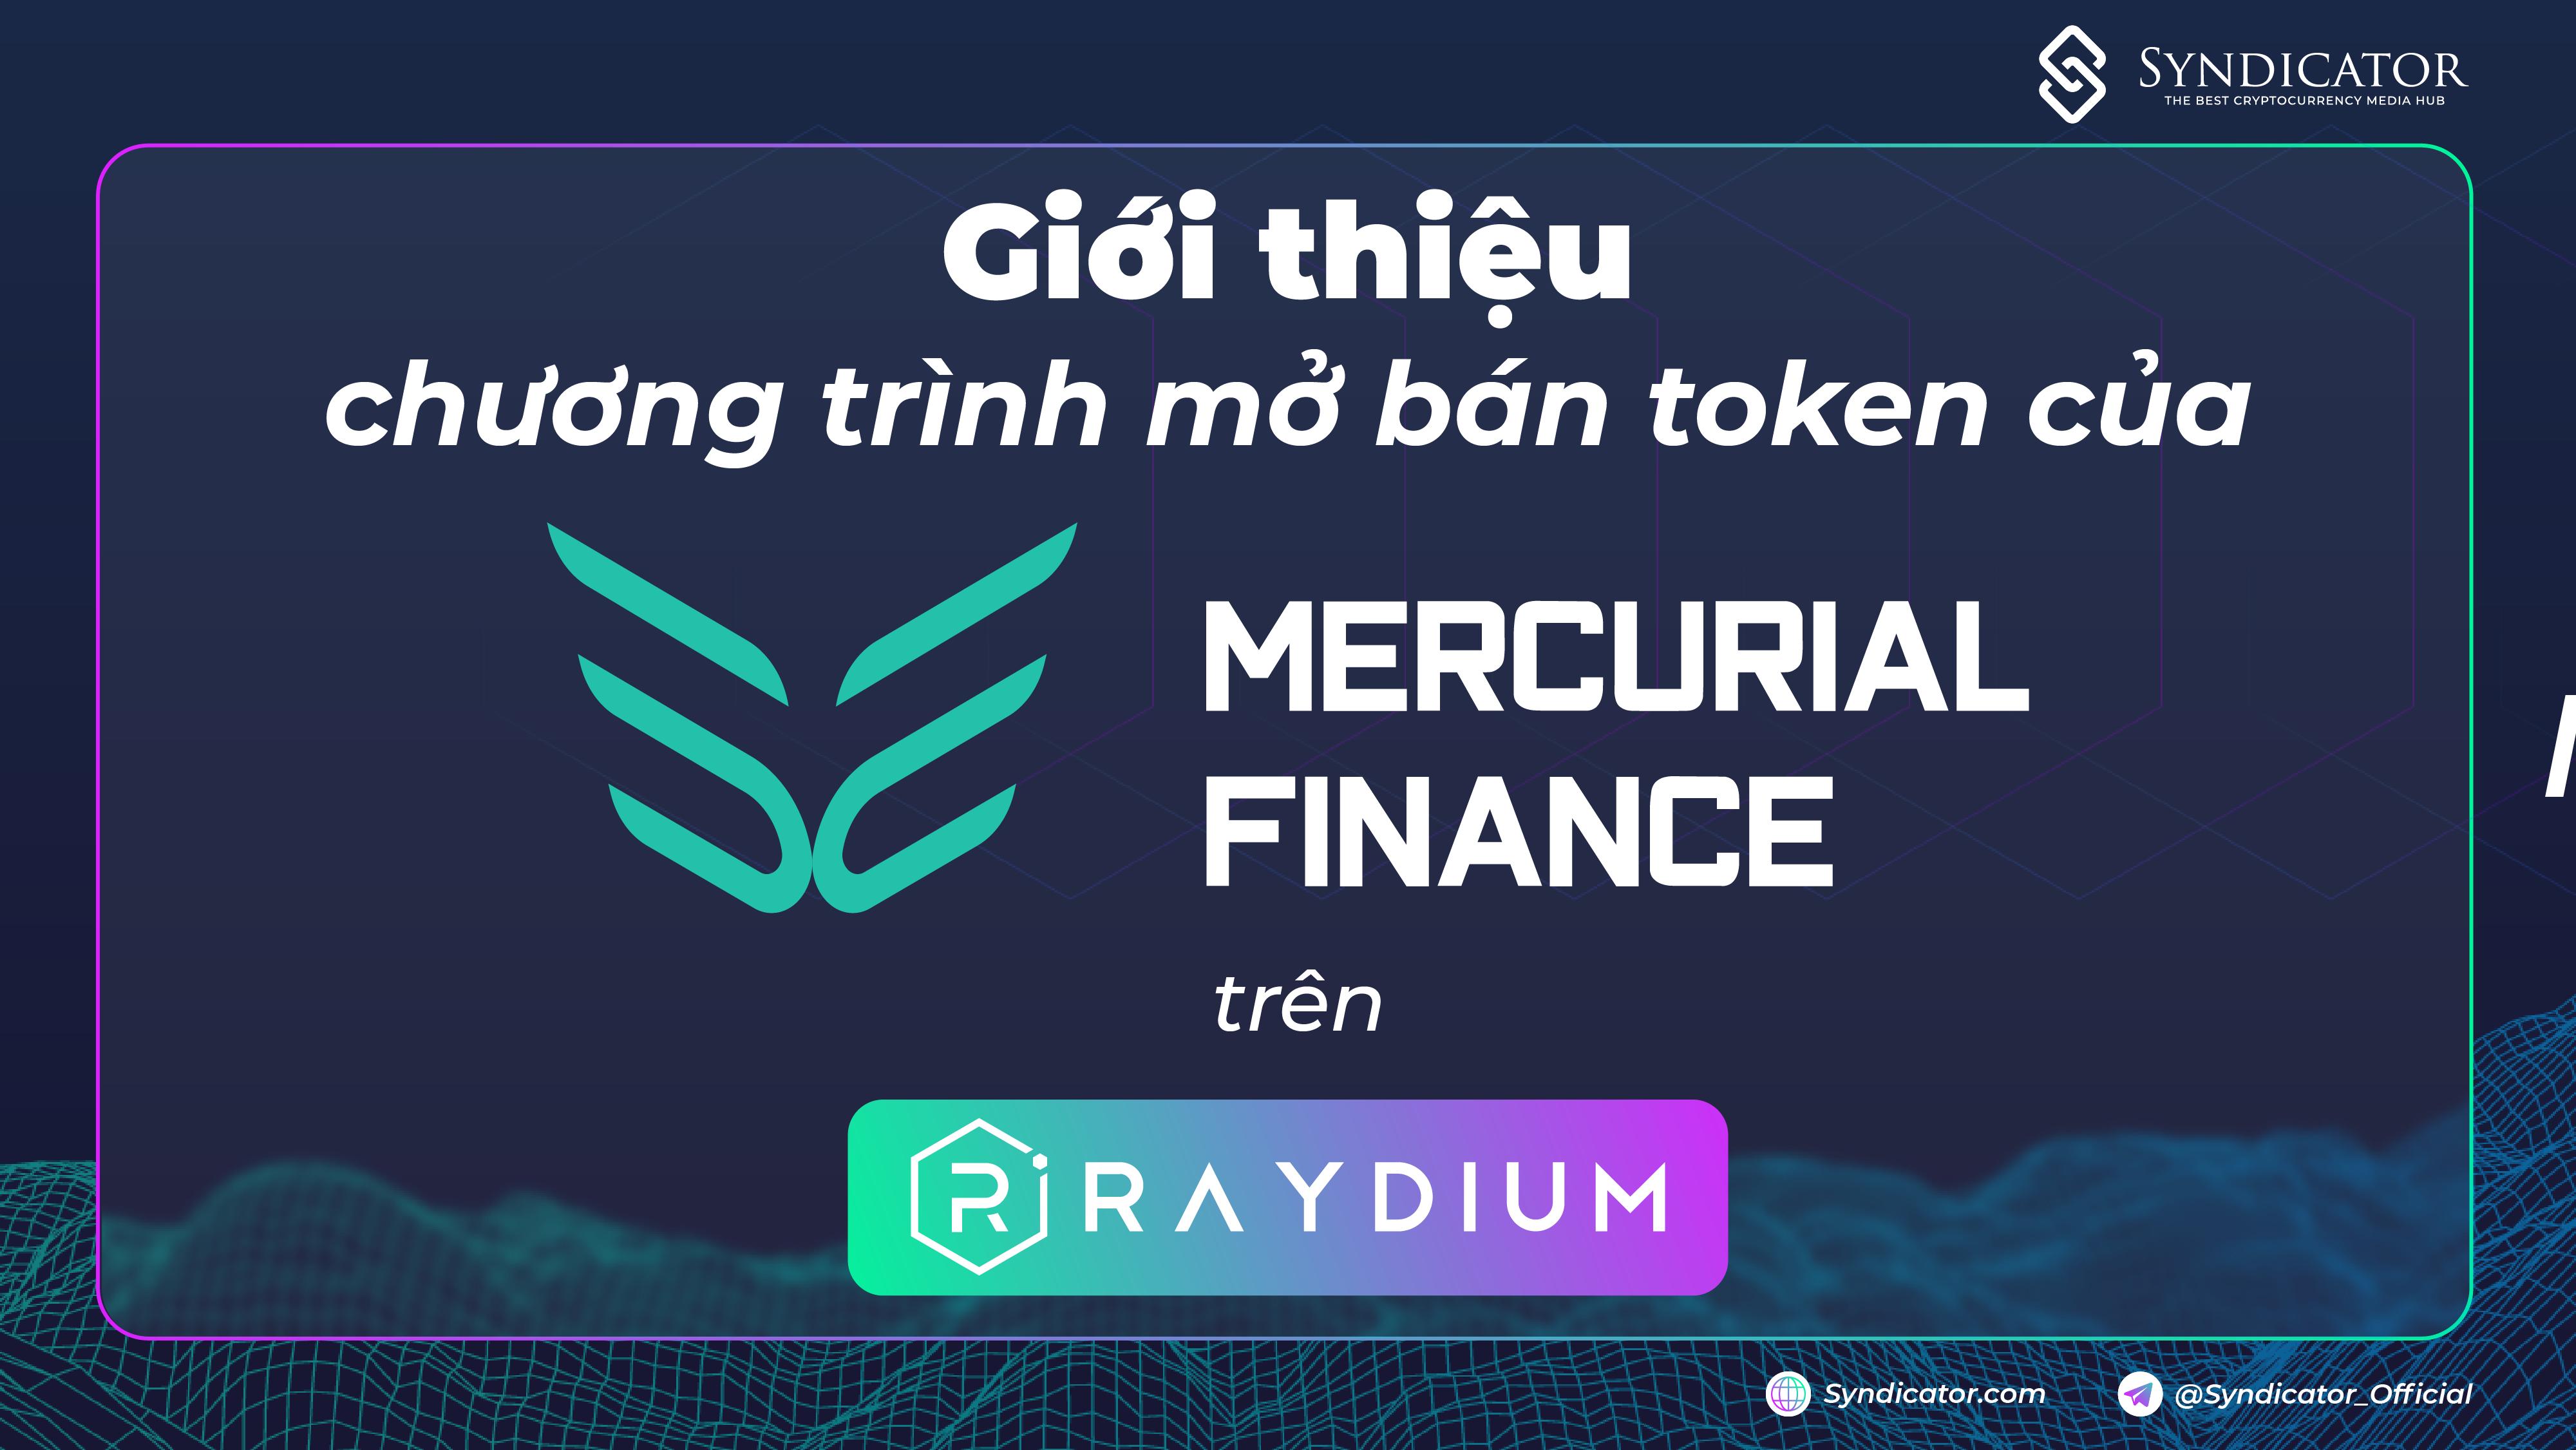 Giới thiệu chương trình mở bán token của Mercurial Finance - Solana - syndicator